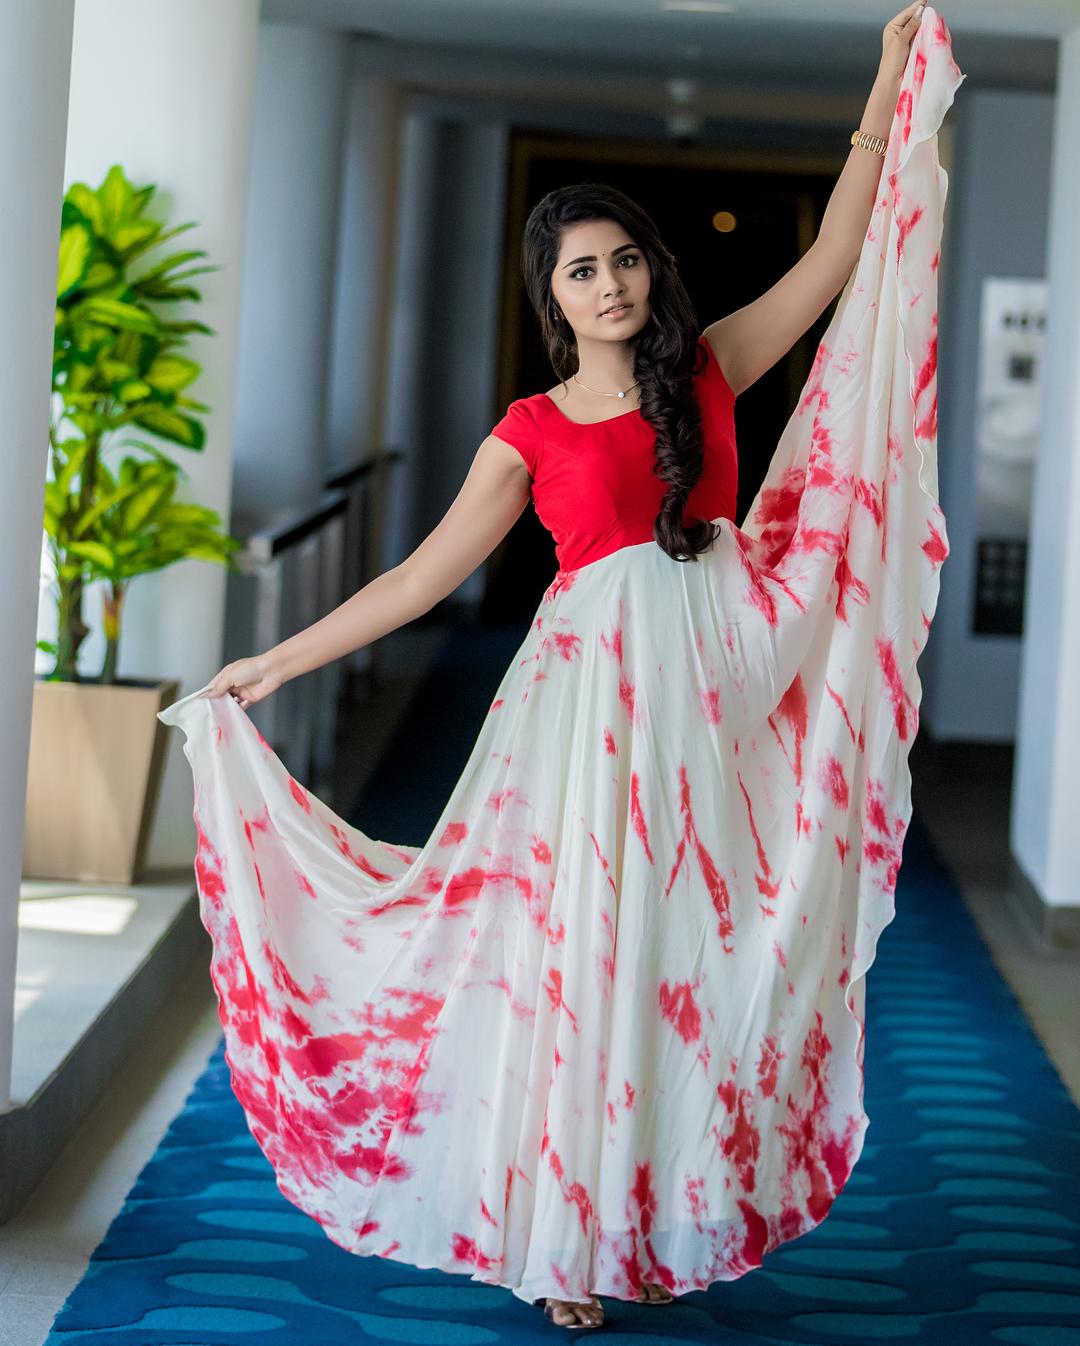 Anupama Parameswaran wearing Clothes designed by Asmitha and Madhulatha